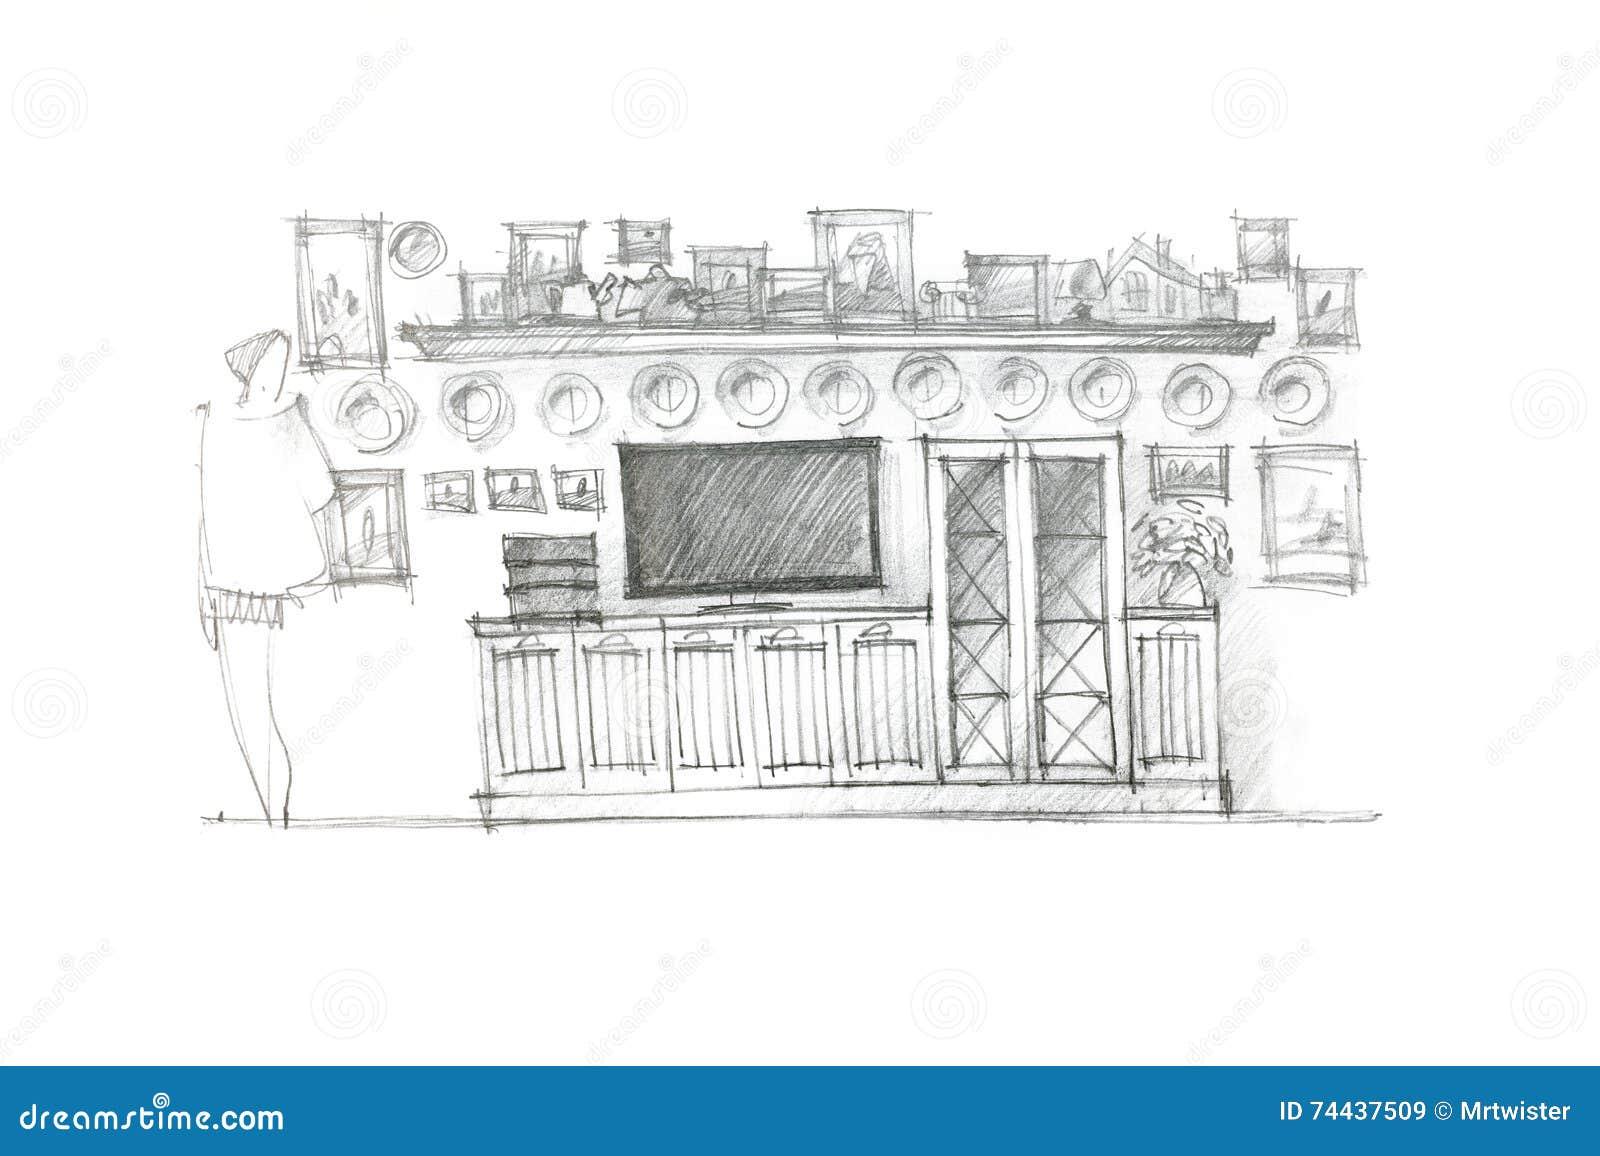 https://thumbs.dreamstime.com/z/tekening-uit-de-vrije-hand-van-meubilair-voor-woonkamer-74437509.jpg